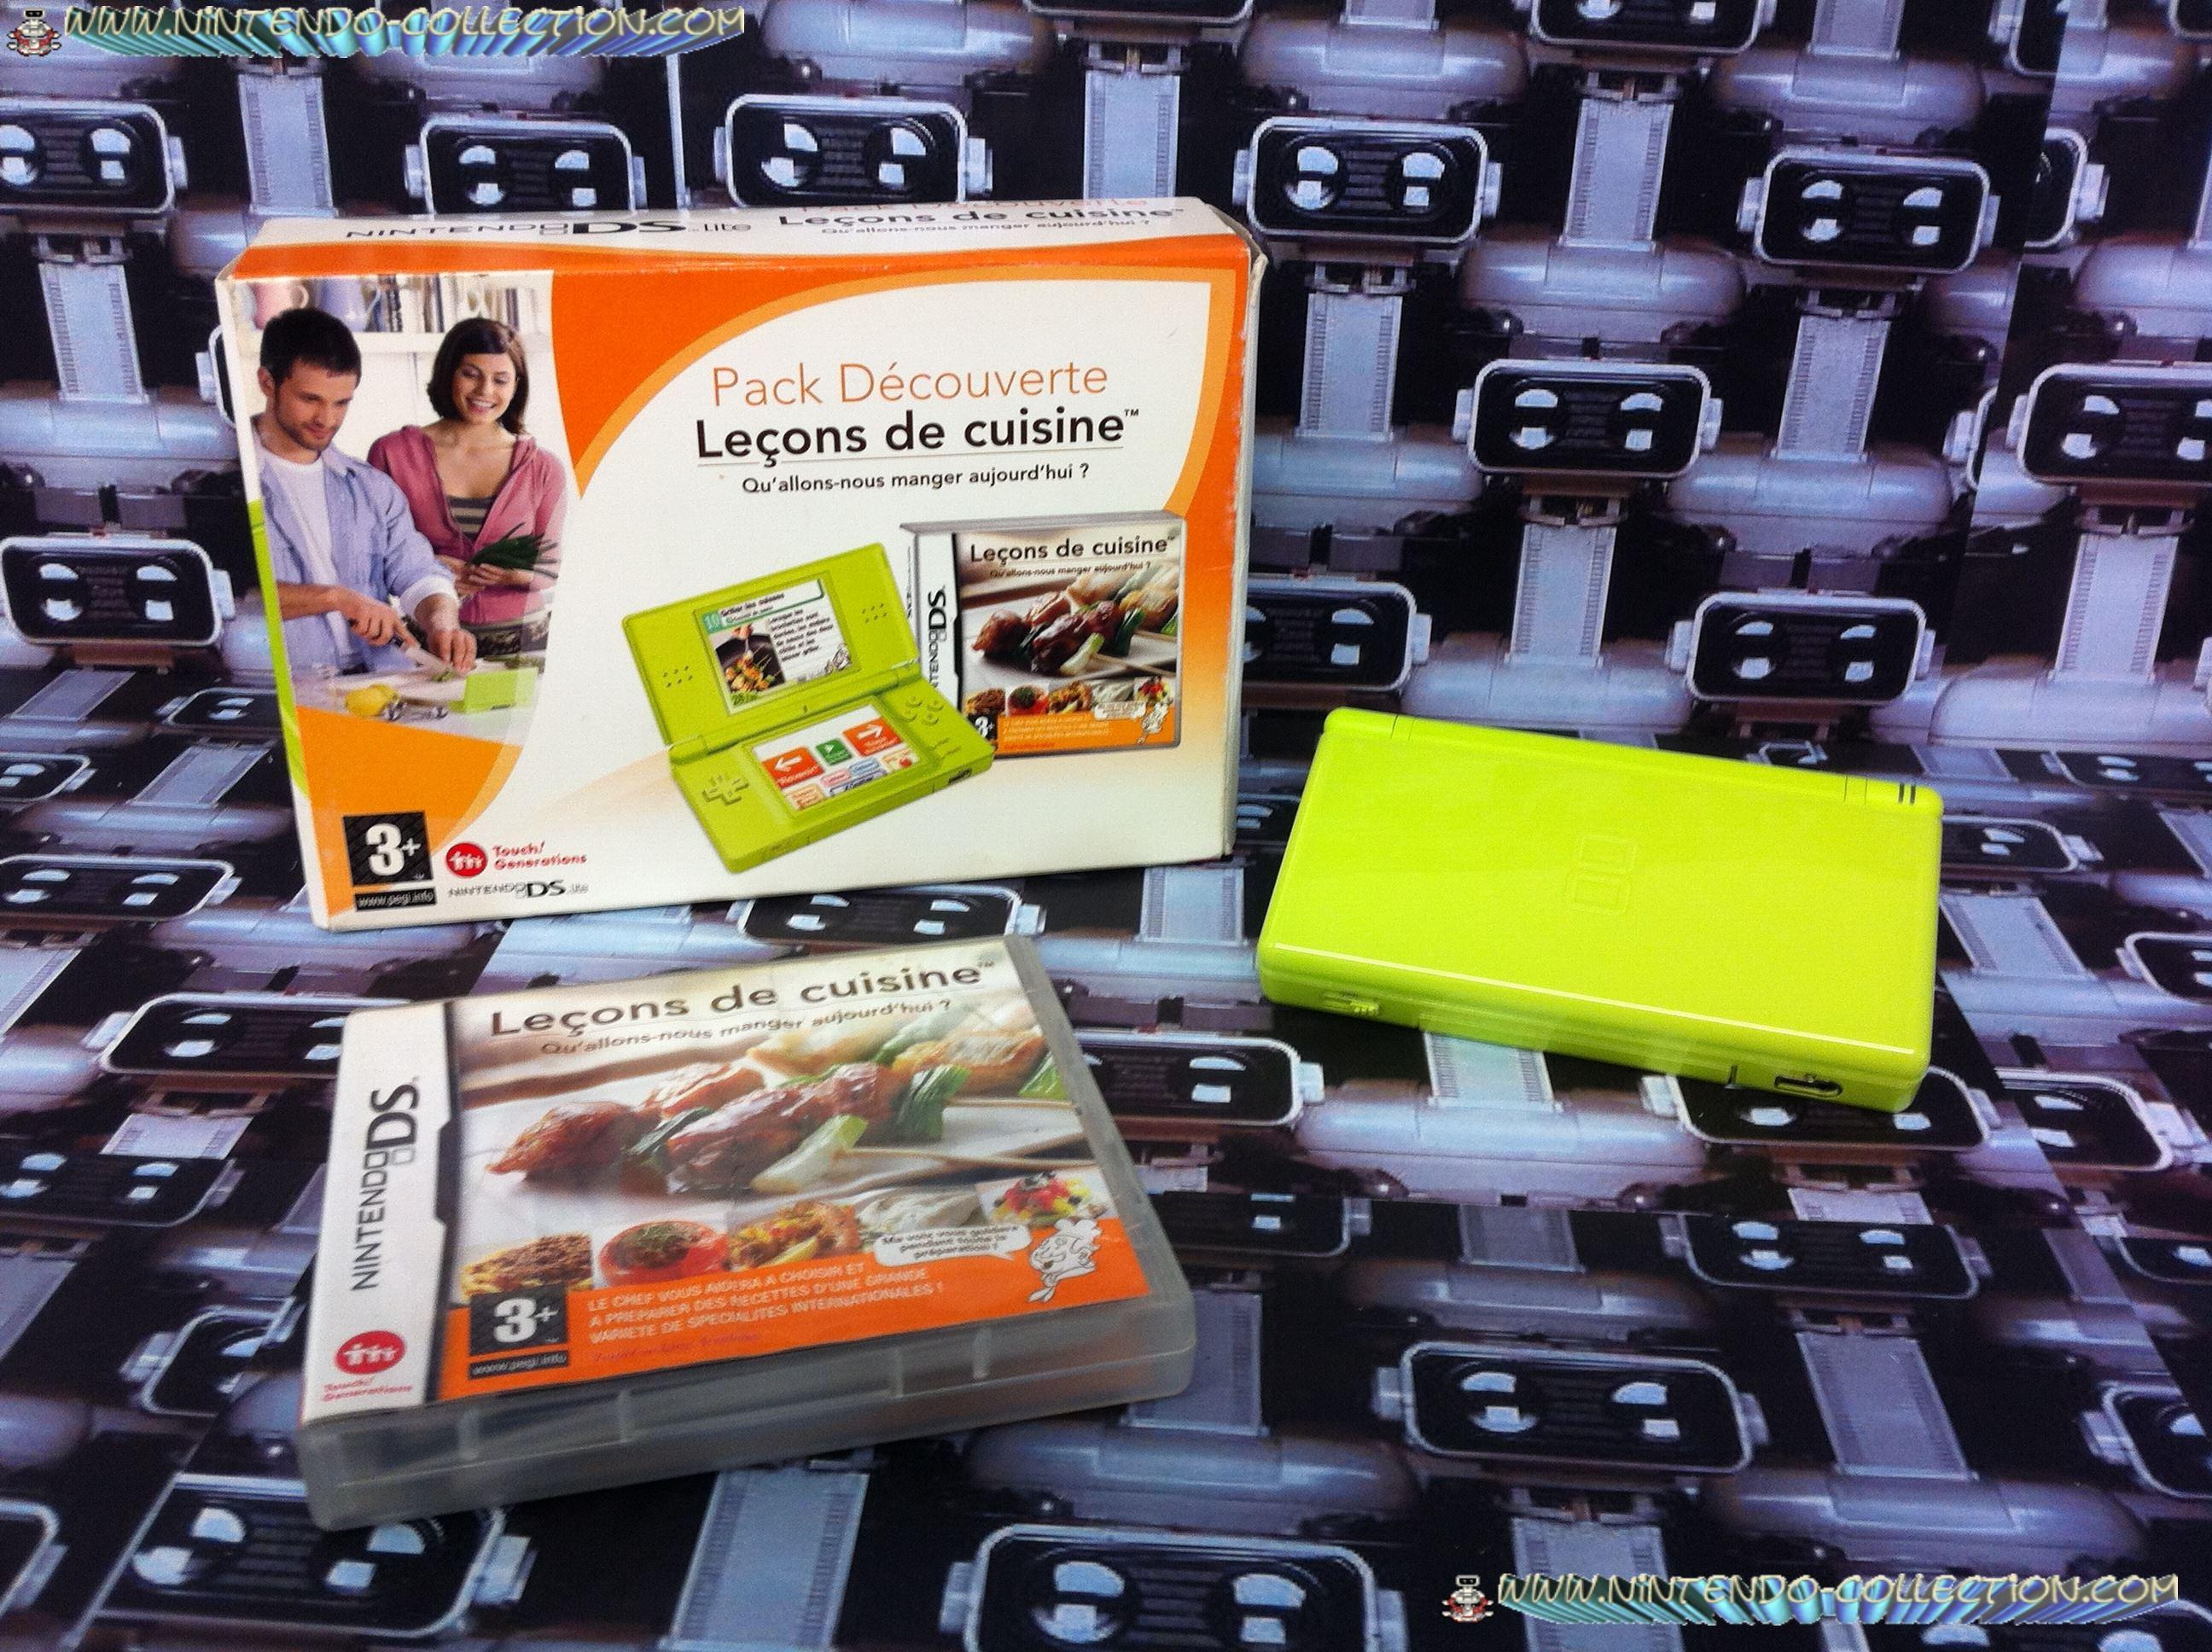 www.nintendo-collection.com - DS Lite Kiwi Verte Green Pack Lecon de cuisine